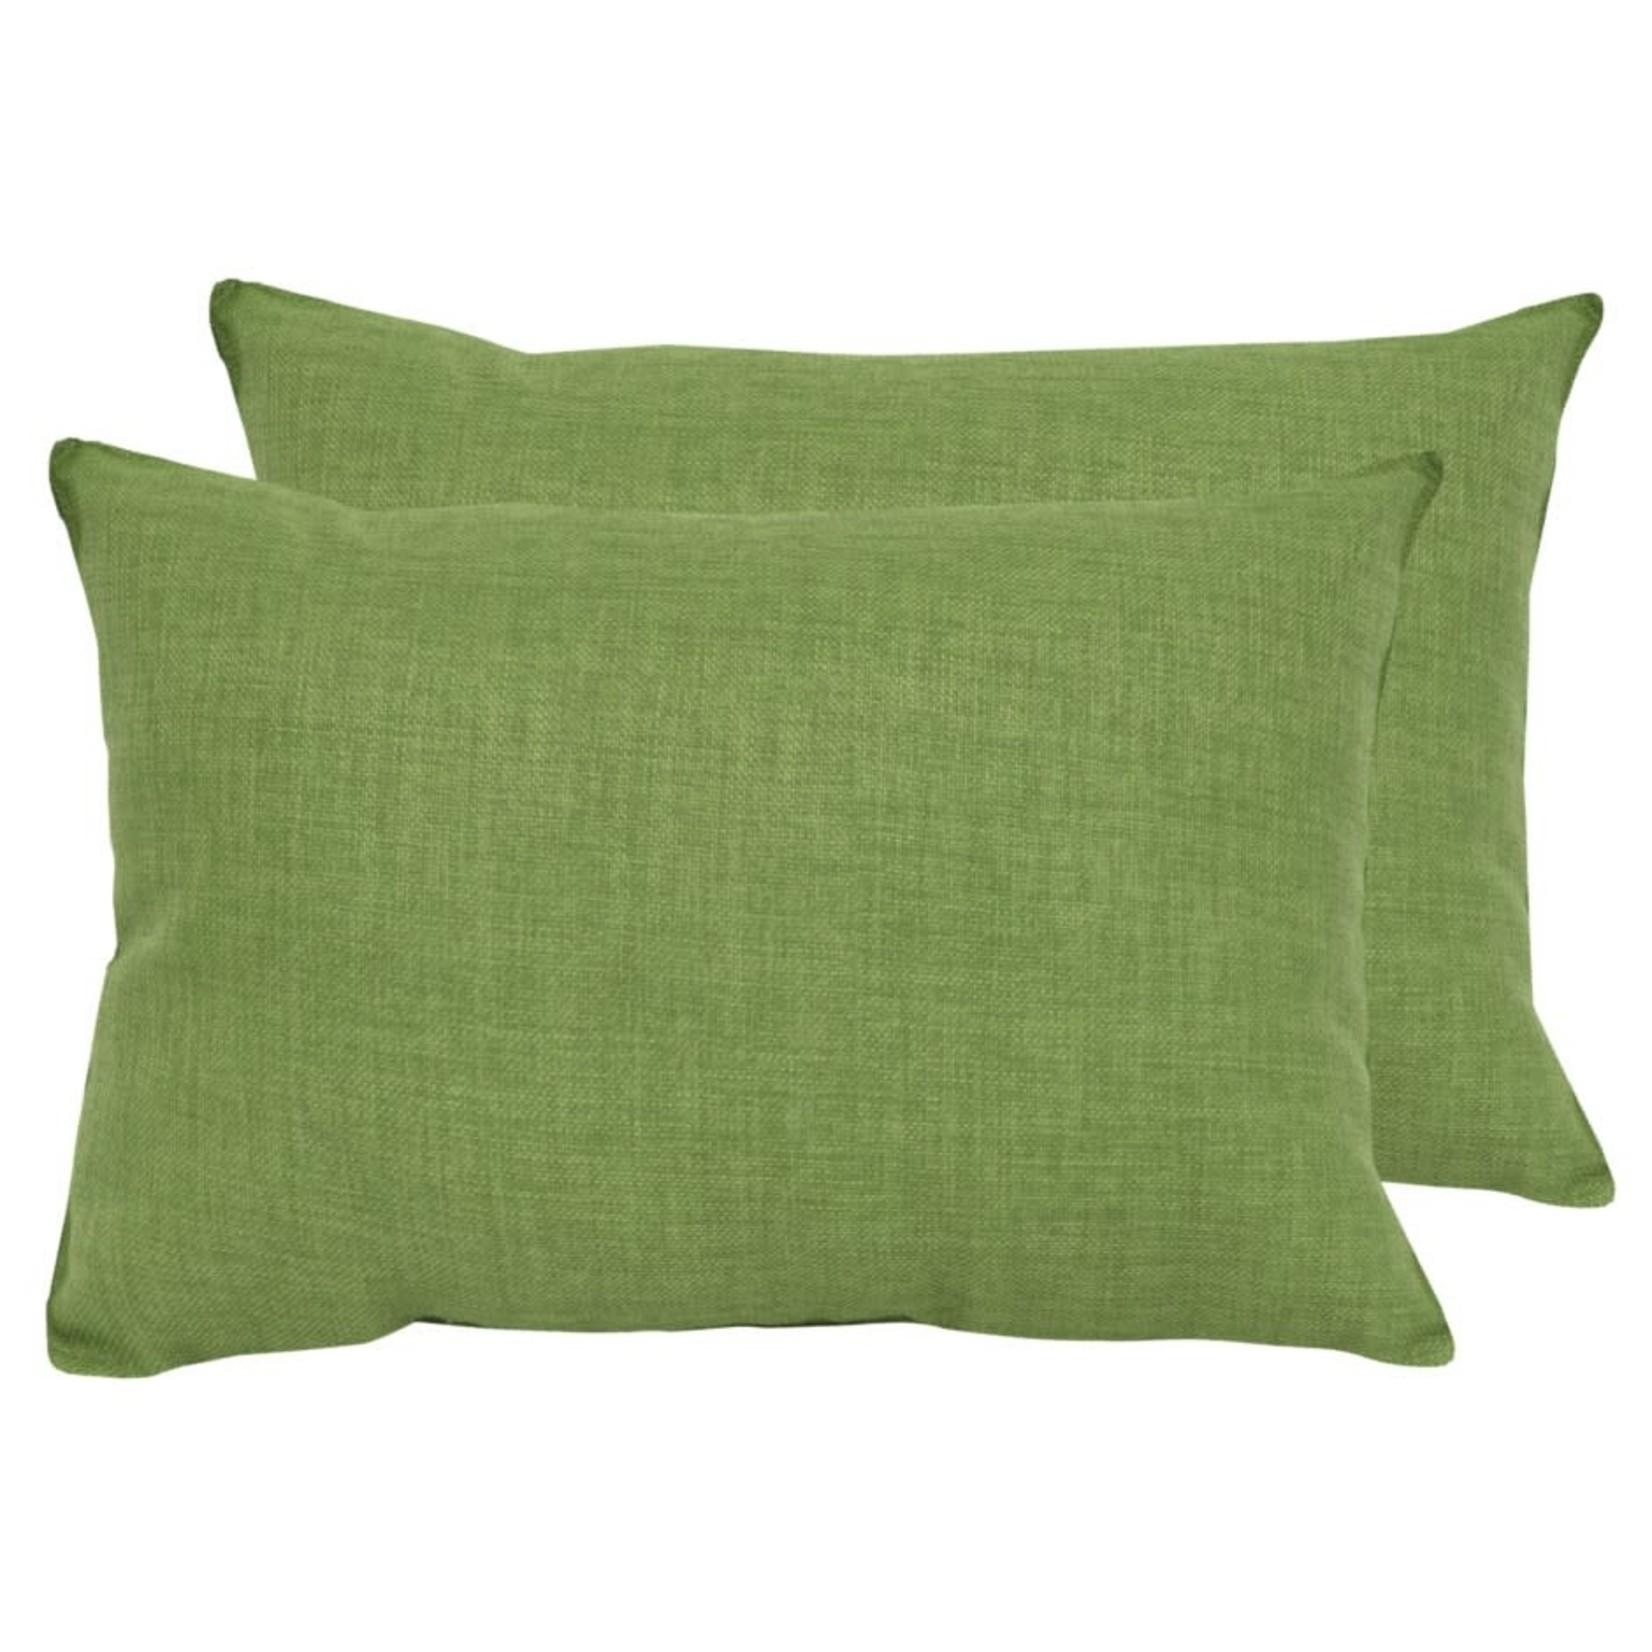 Kelly Green Outdoor Lumbar Pillow